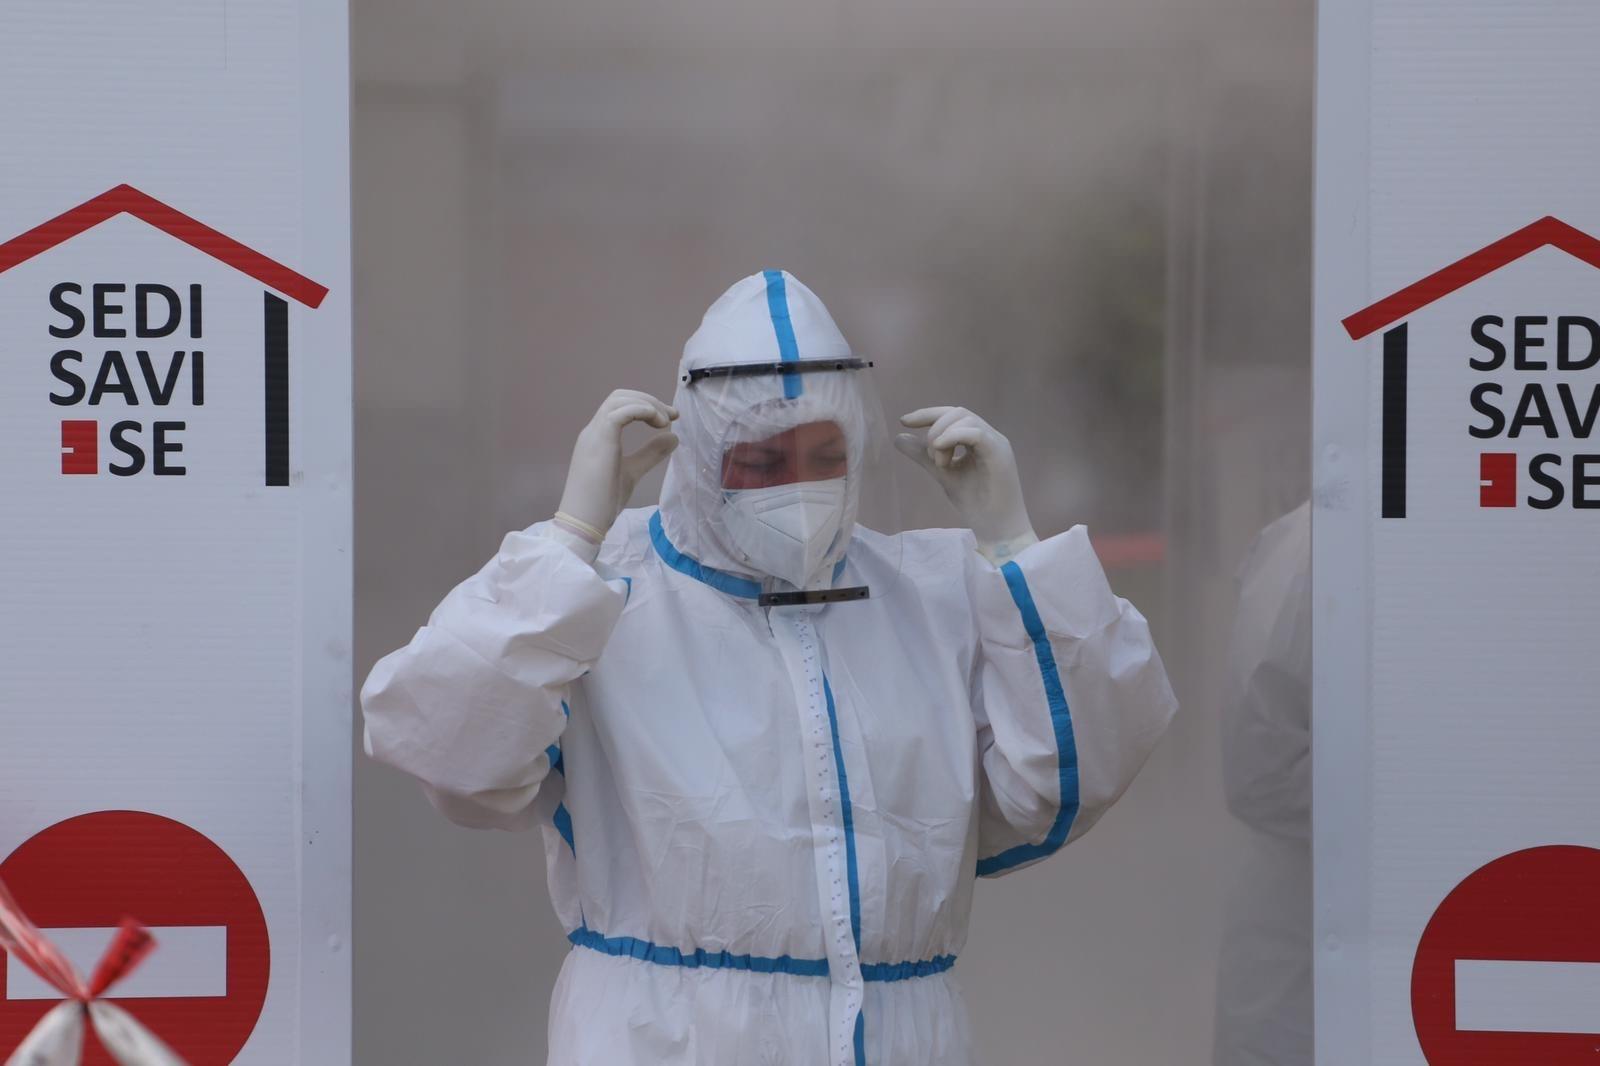 u-srbiji-testirano-3.138,-zarazeno-72,-preminula-jedna-osoba